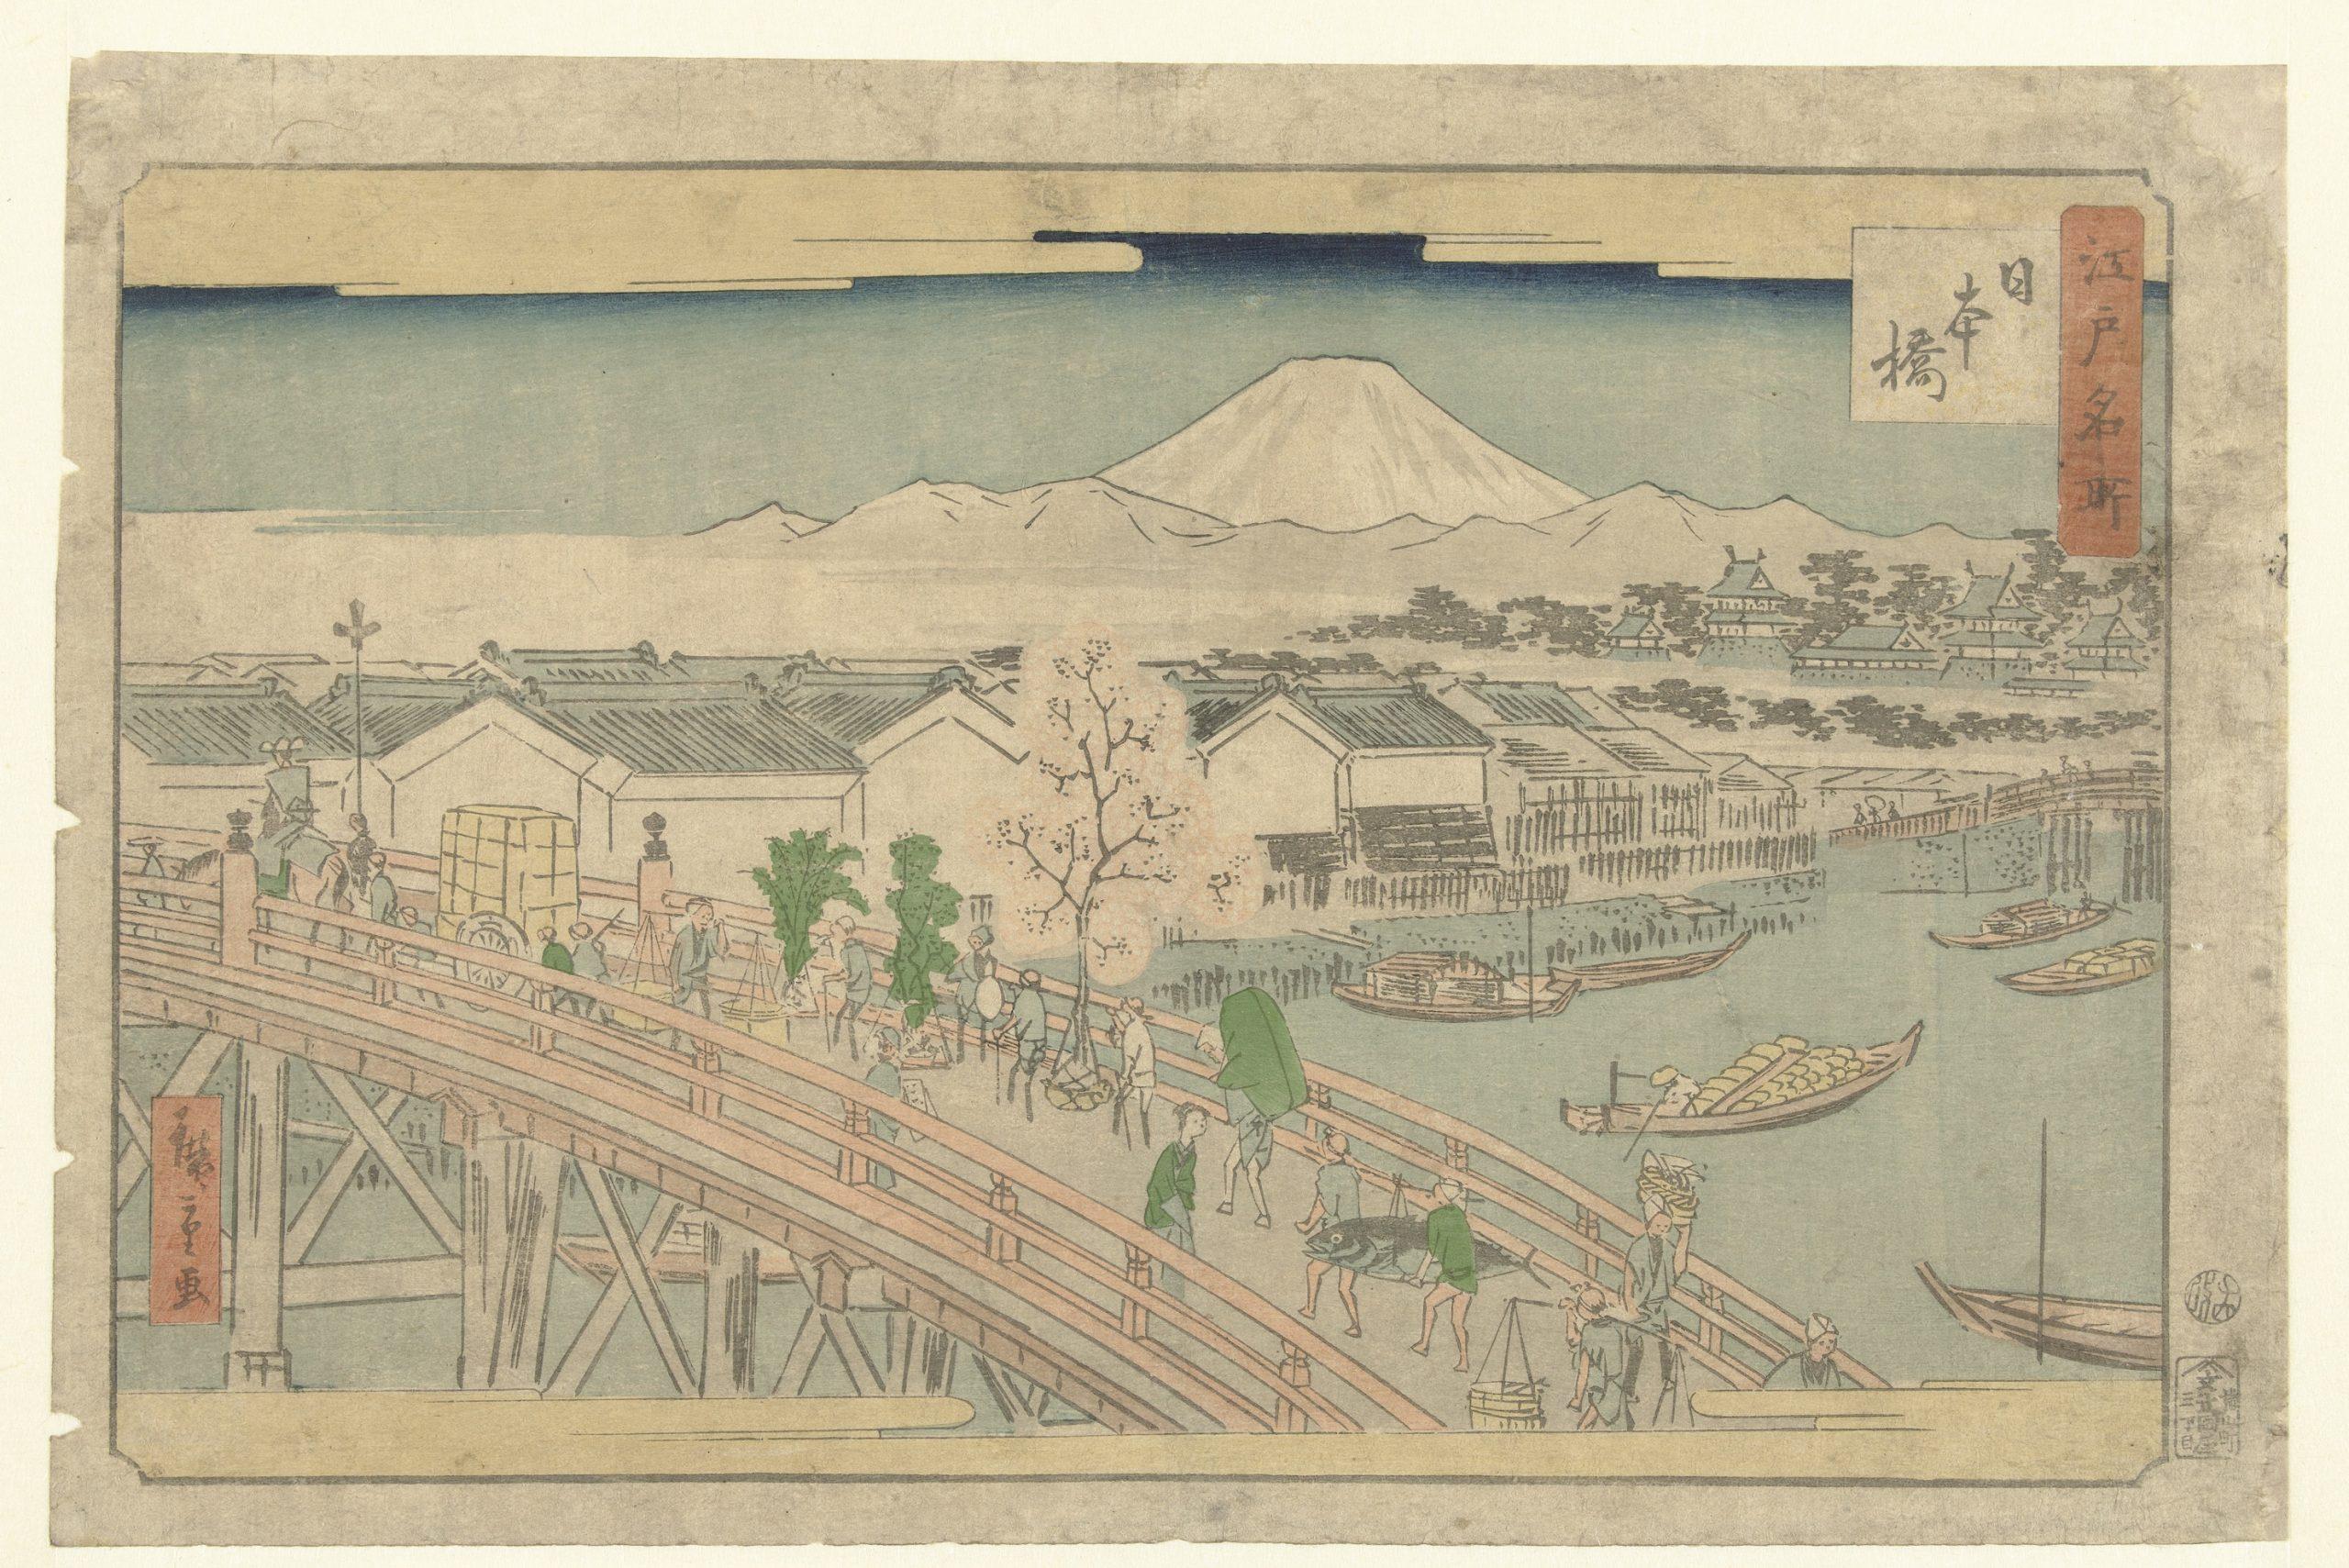 Nihonbashi Tokyo - print uit Rijksmuseum